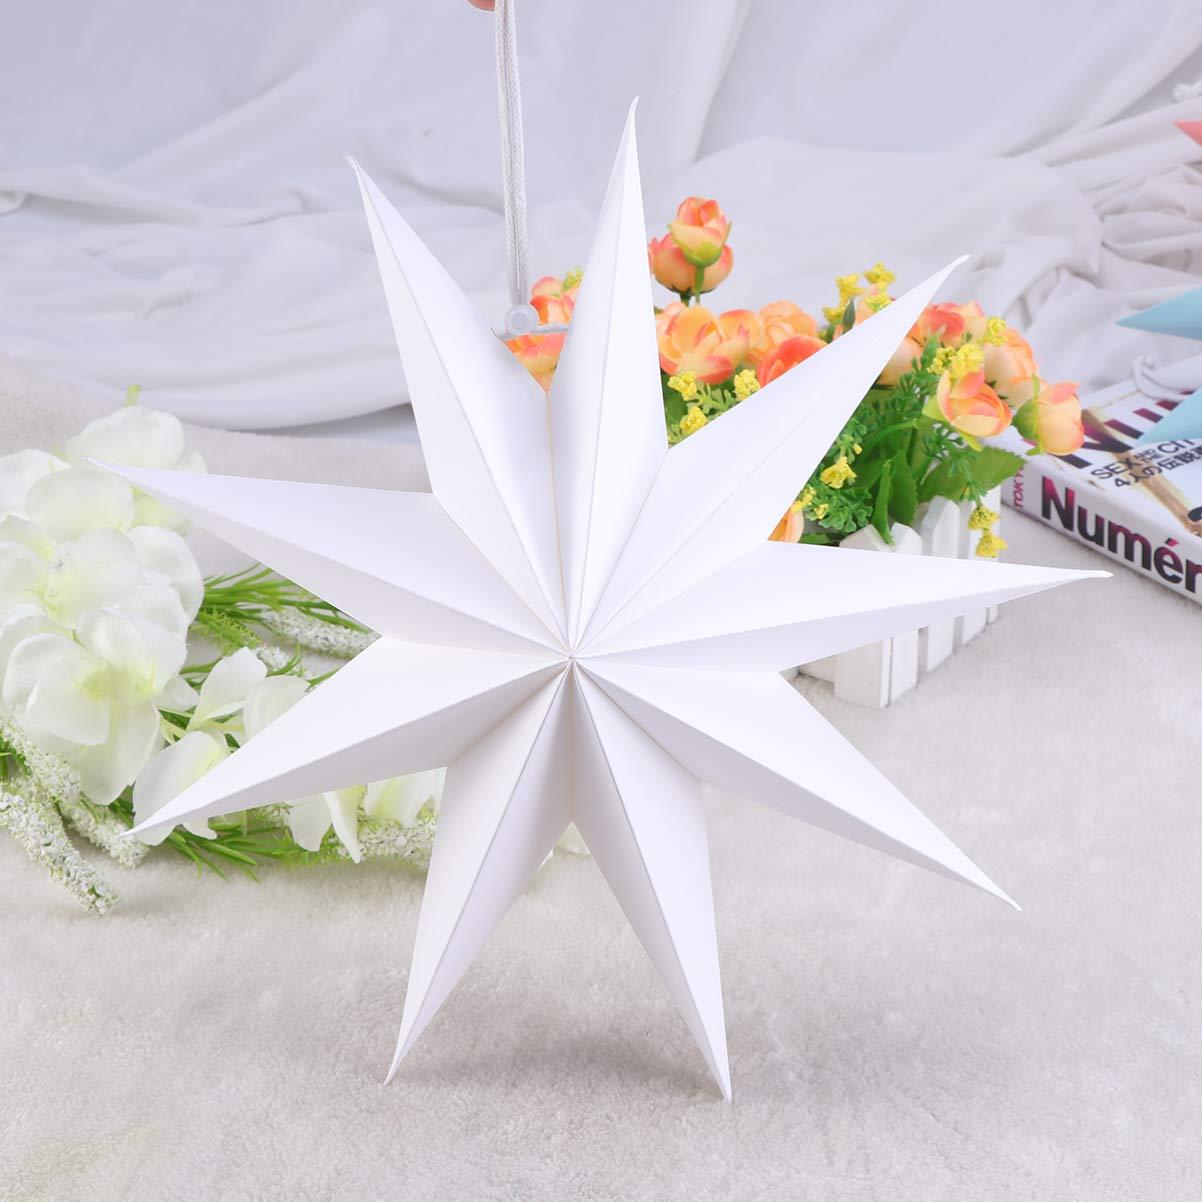 Mobestech 2pcs /étoiles papier lanterne pliable abat-jour de no/ël suspendu /étoile lanterne pour d/écor de f/ête /à la maison 30 cm